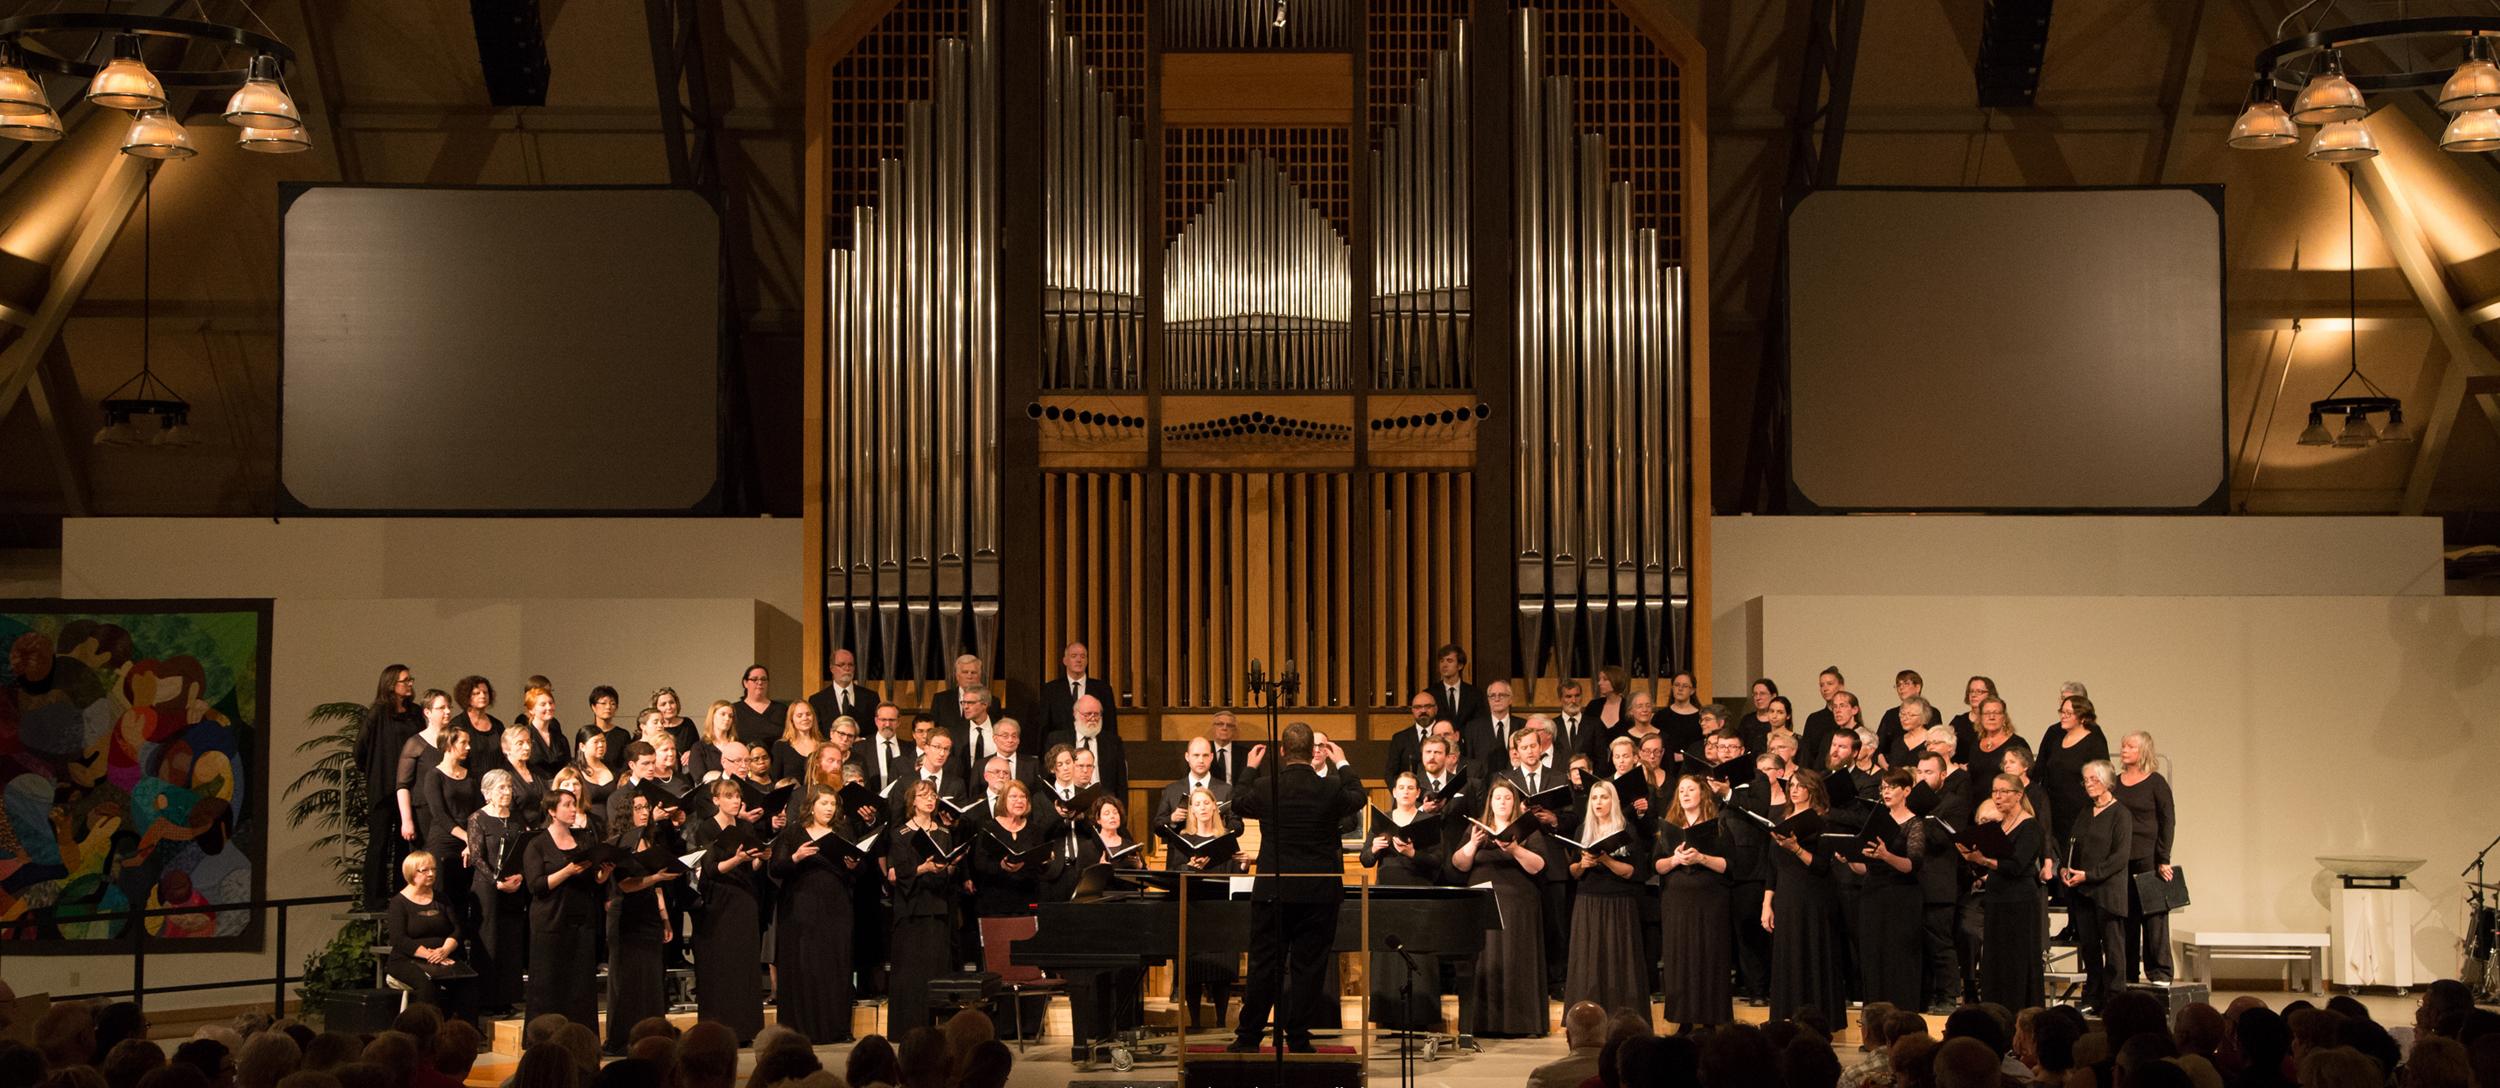 Vocal-Alchemy-Requiem--Concert-9.jpg